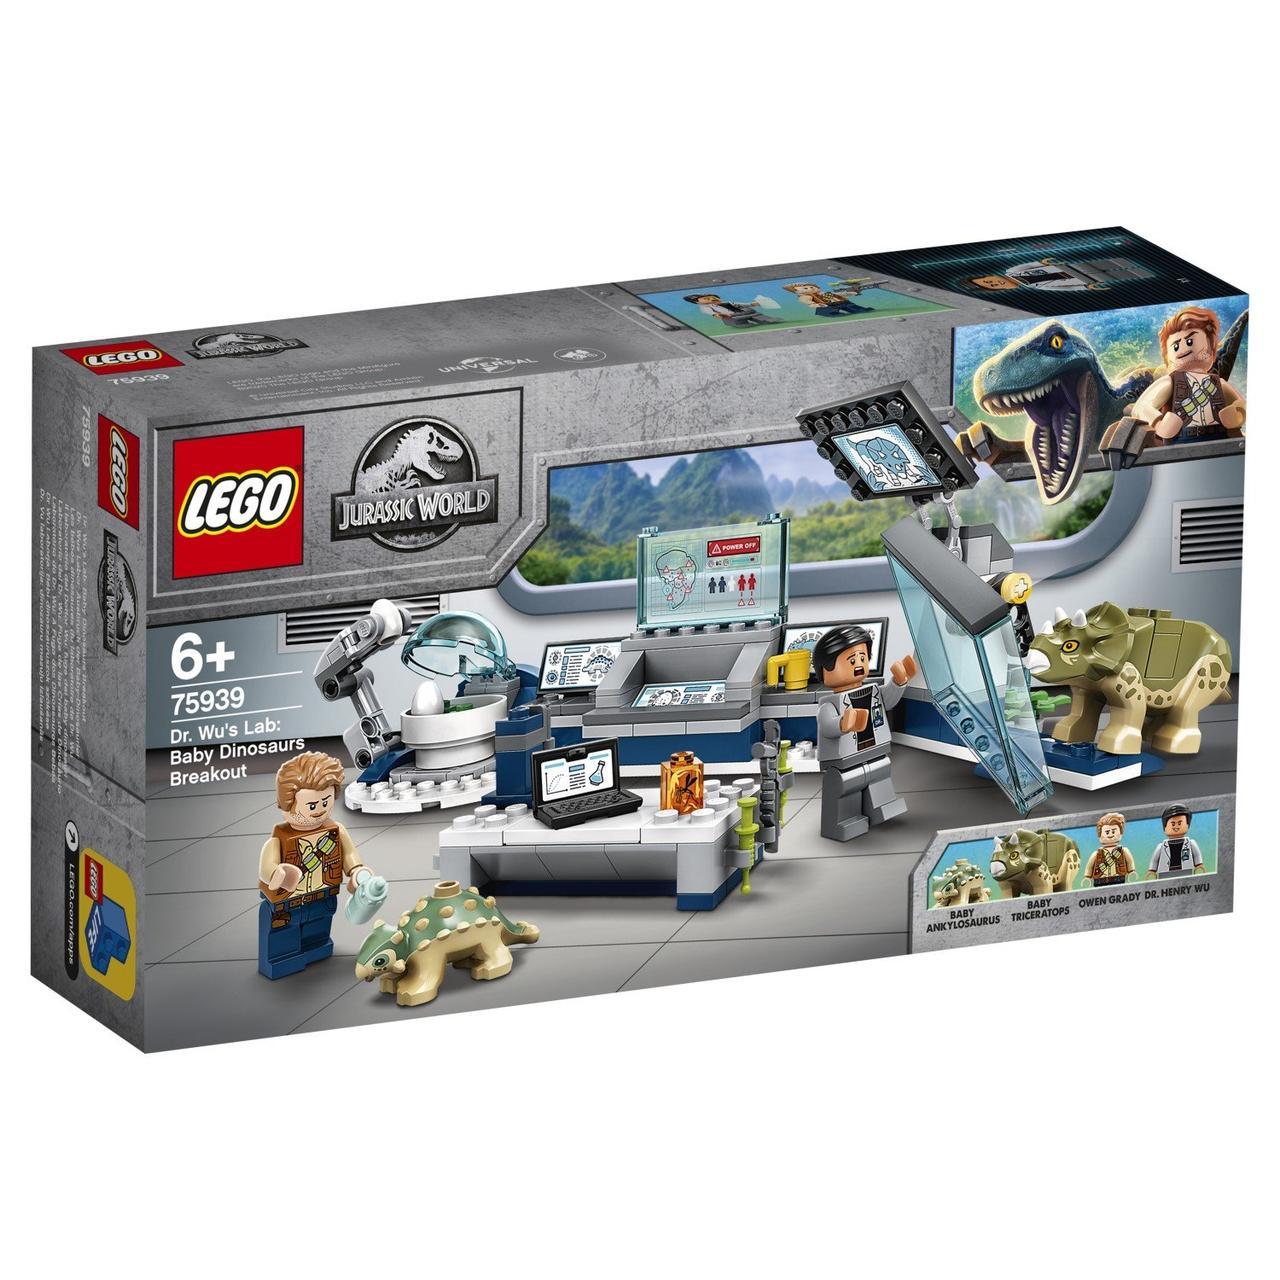 75939 Lego Jurassic World Лаборатория доктора Ву Побег детёнышей динозавра, Лего Мир Юрского периода